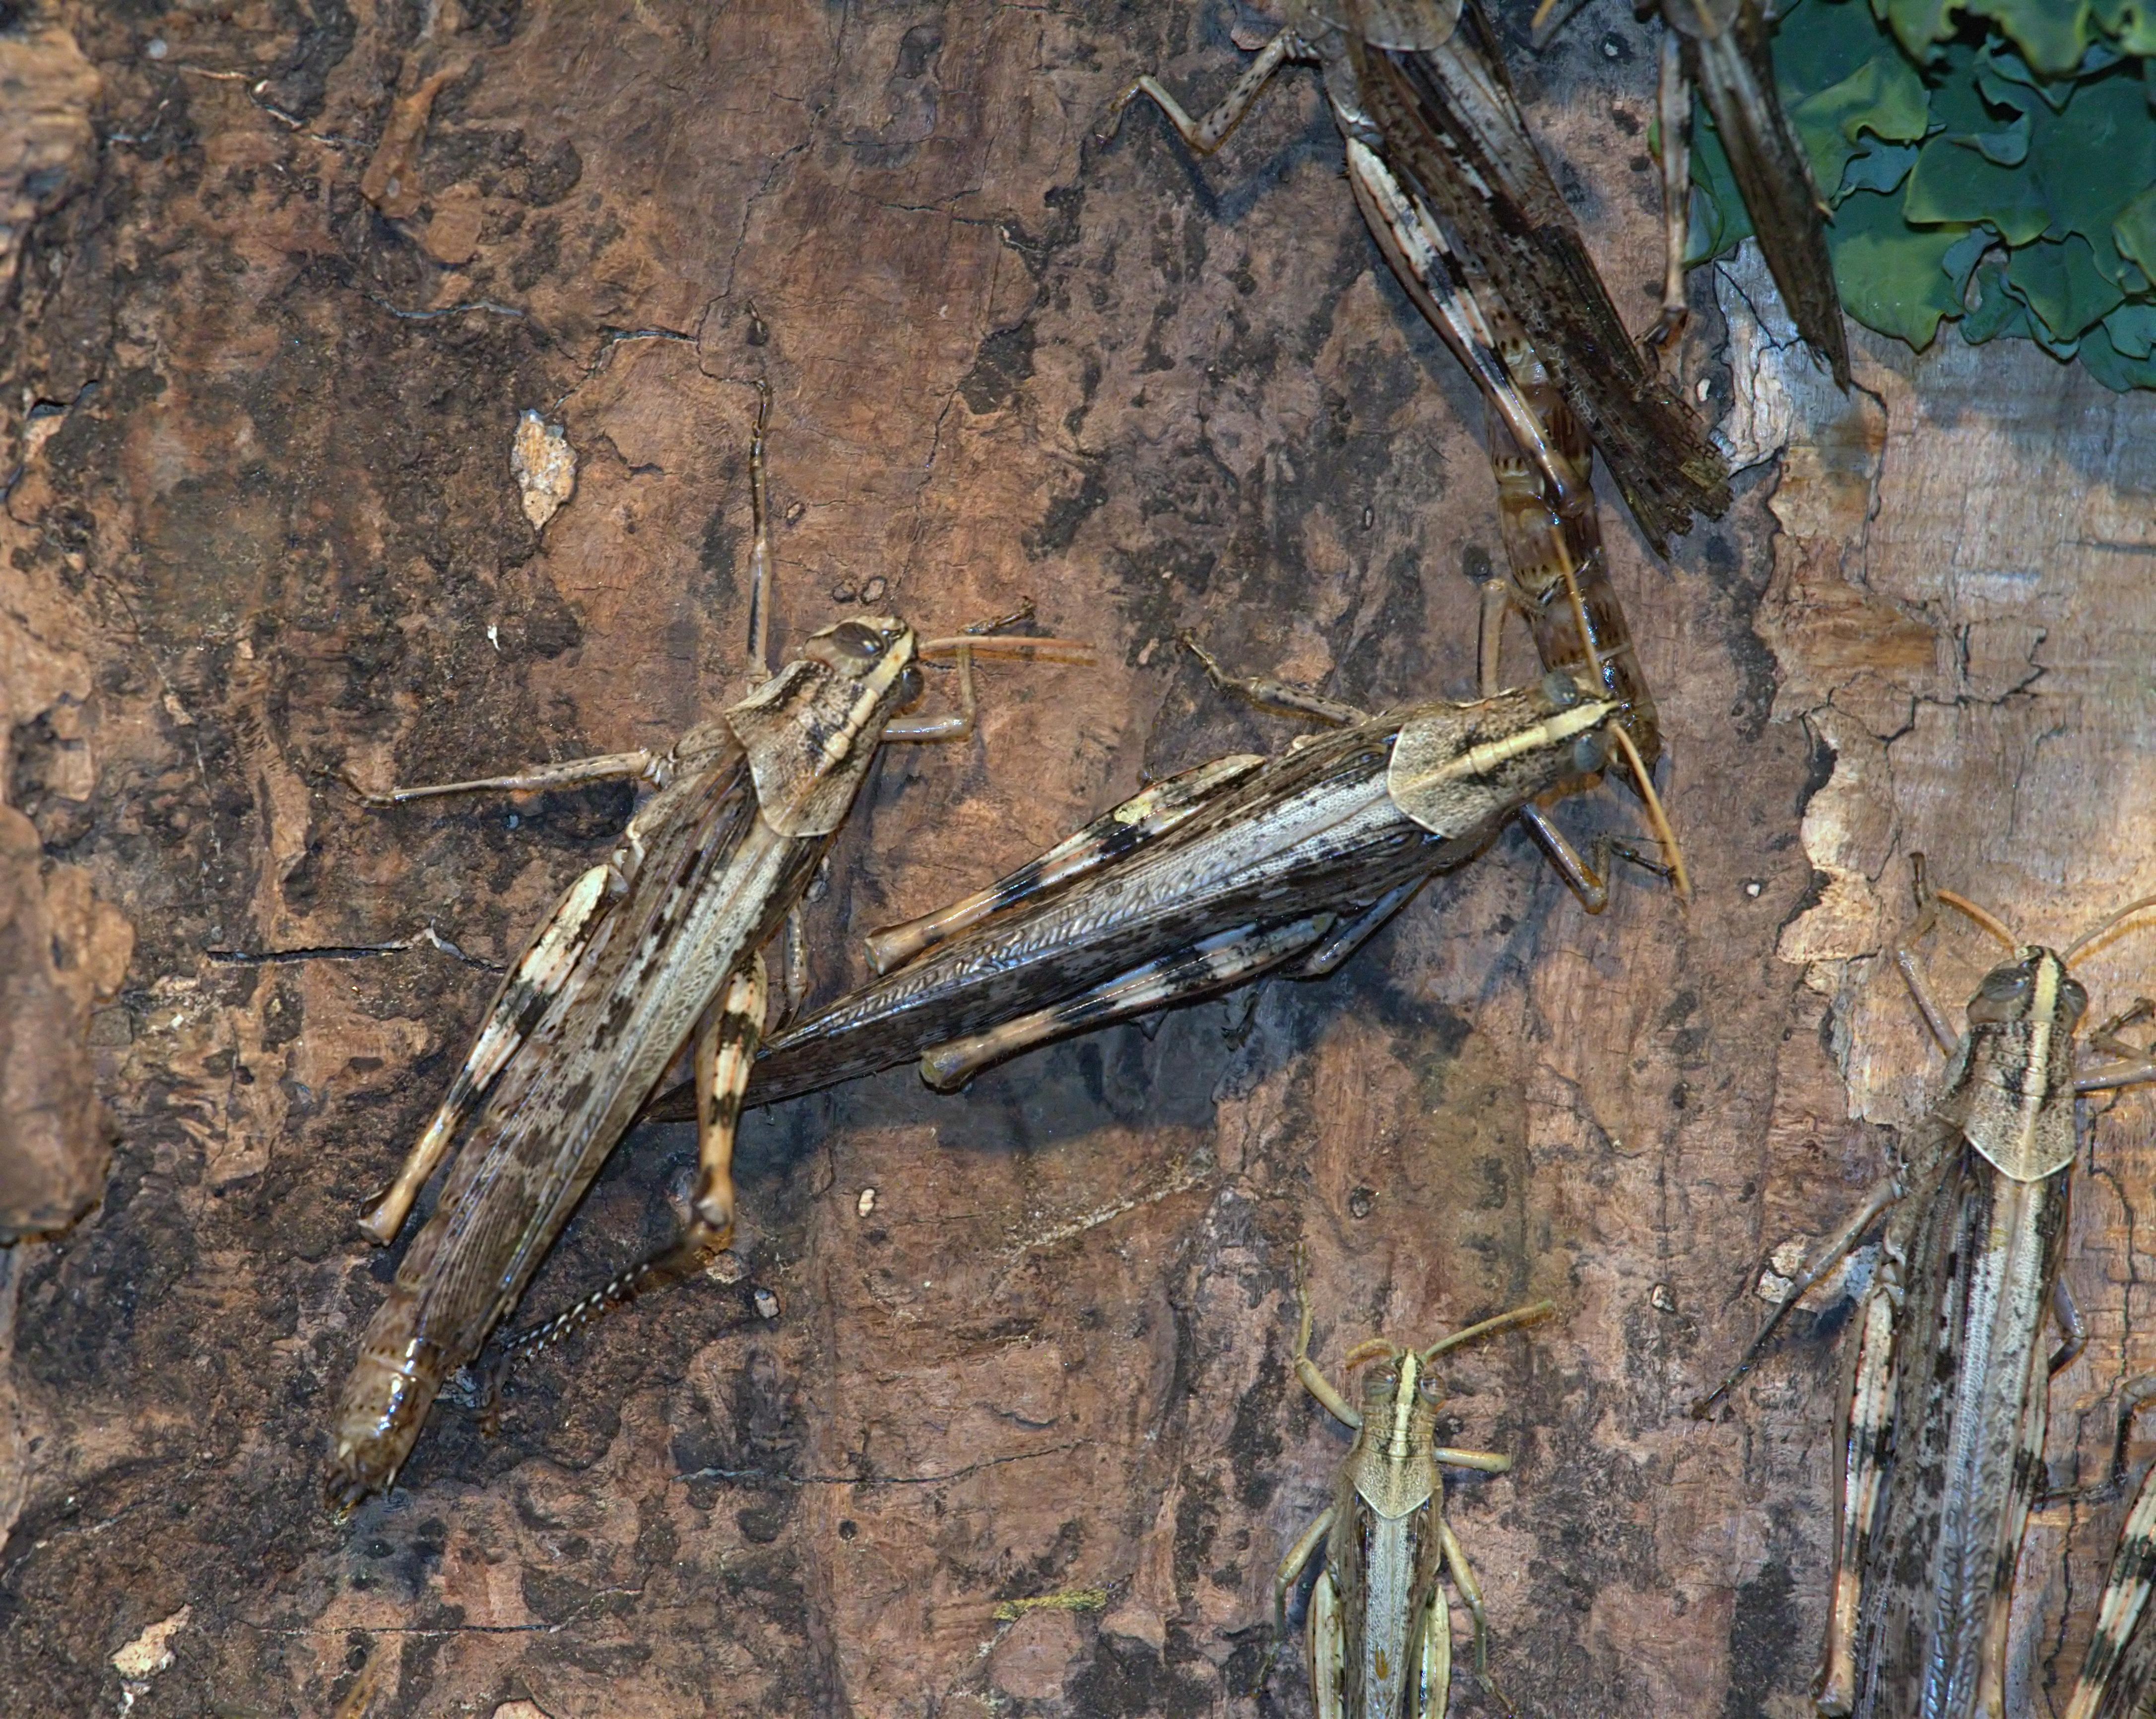 Acrididae image